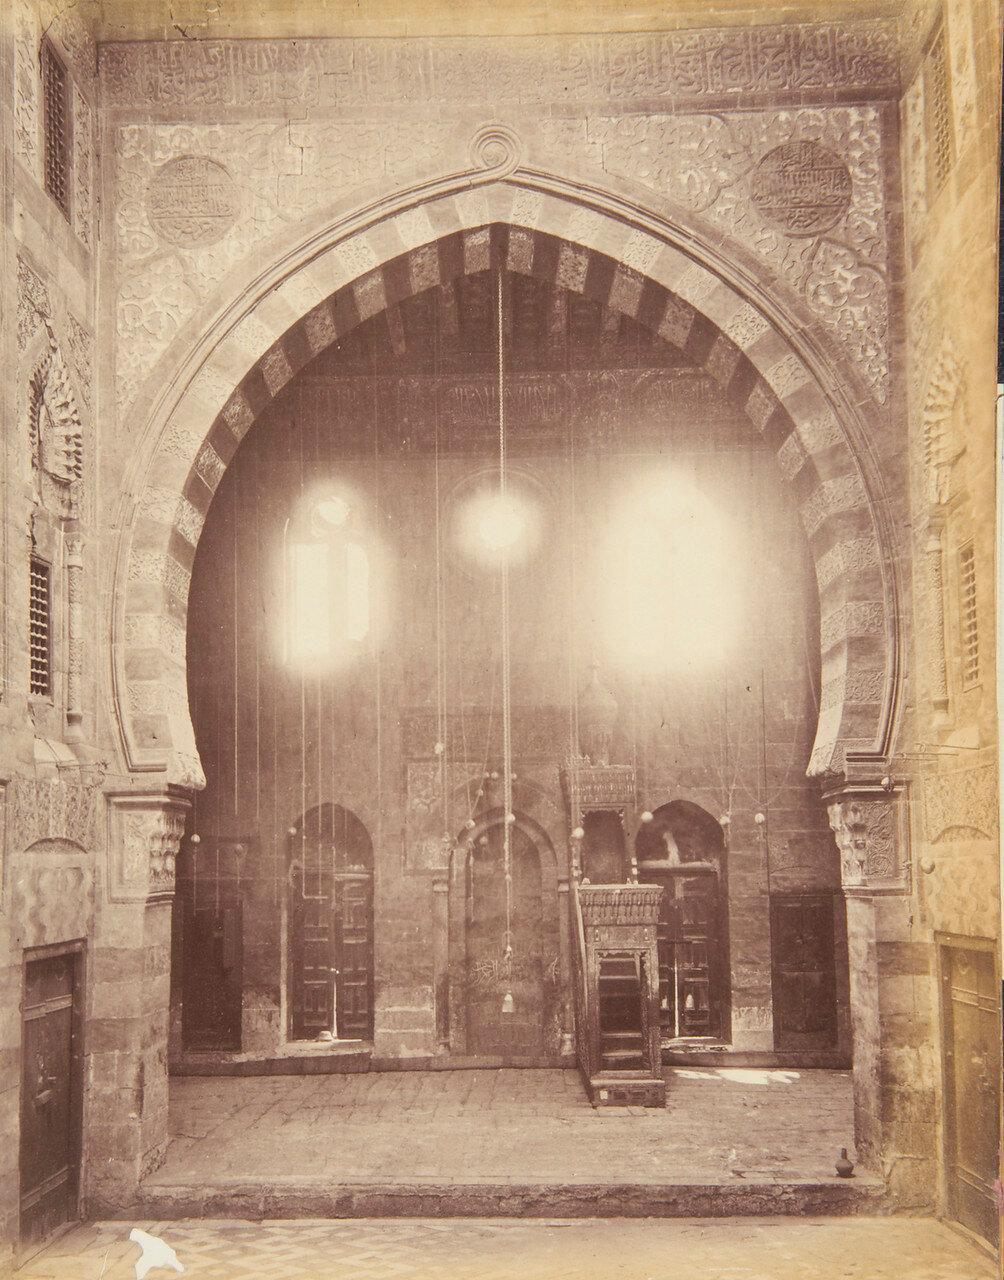 Каир. Надгробная мечеть Кайтбей. Внутренний вид. 1877-87